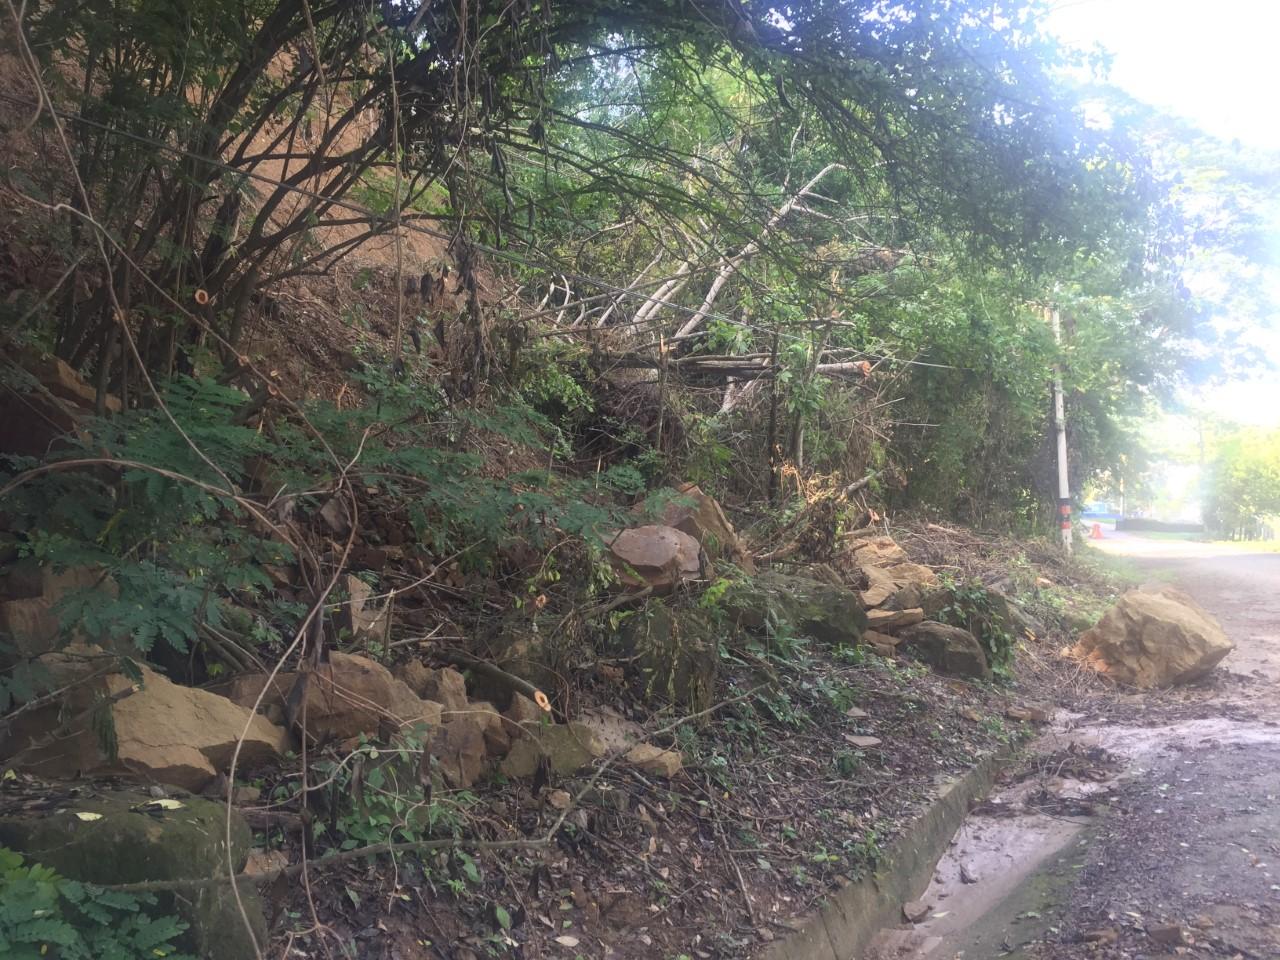 COMUNICADO. En el cerro Sierra Chiquita no hay explotación de canteras